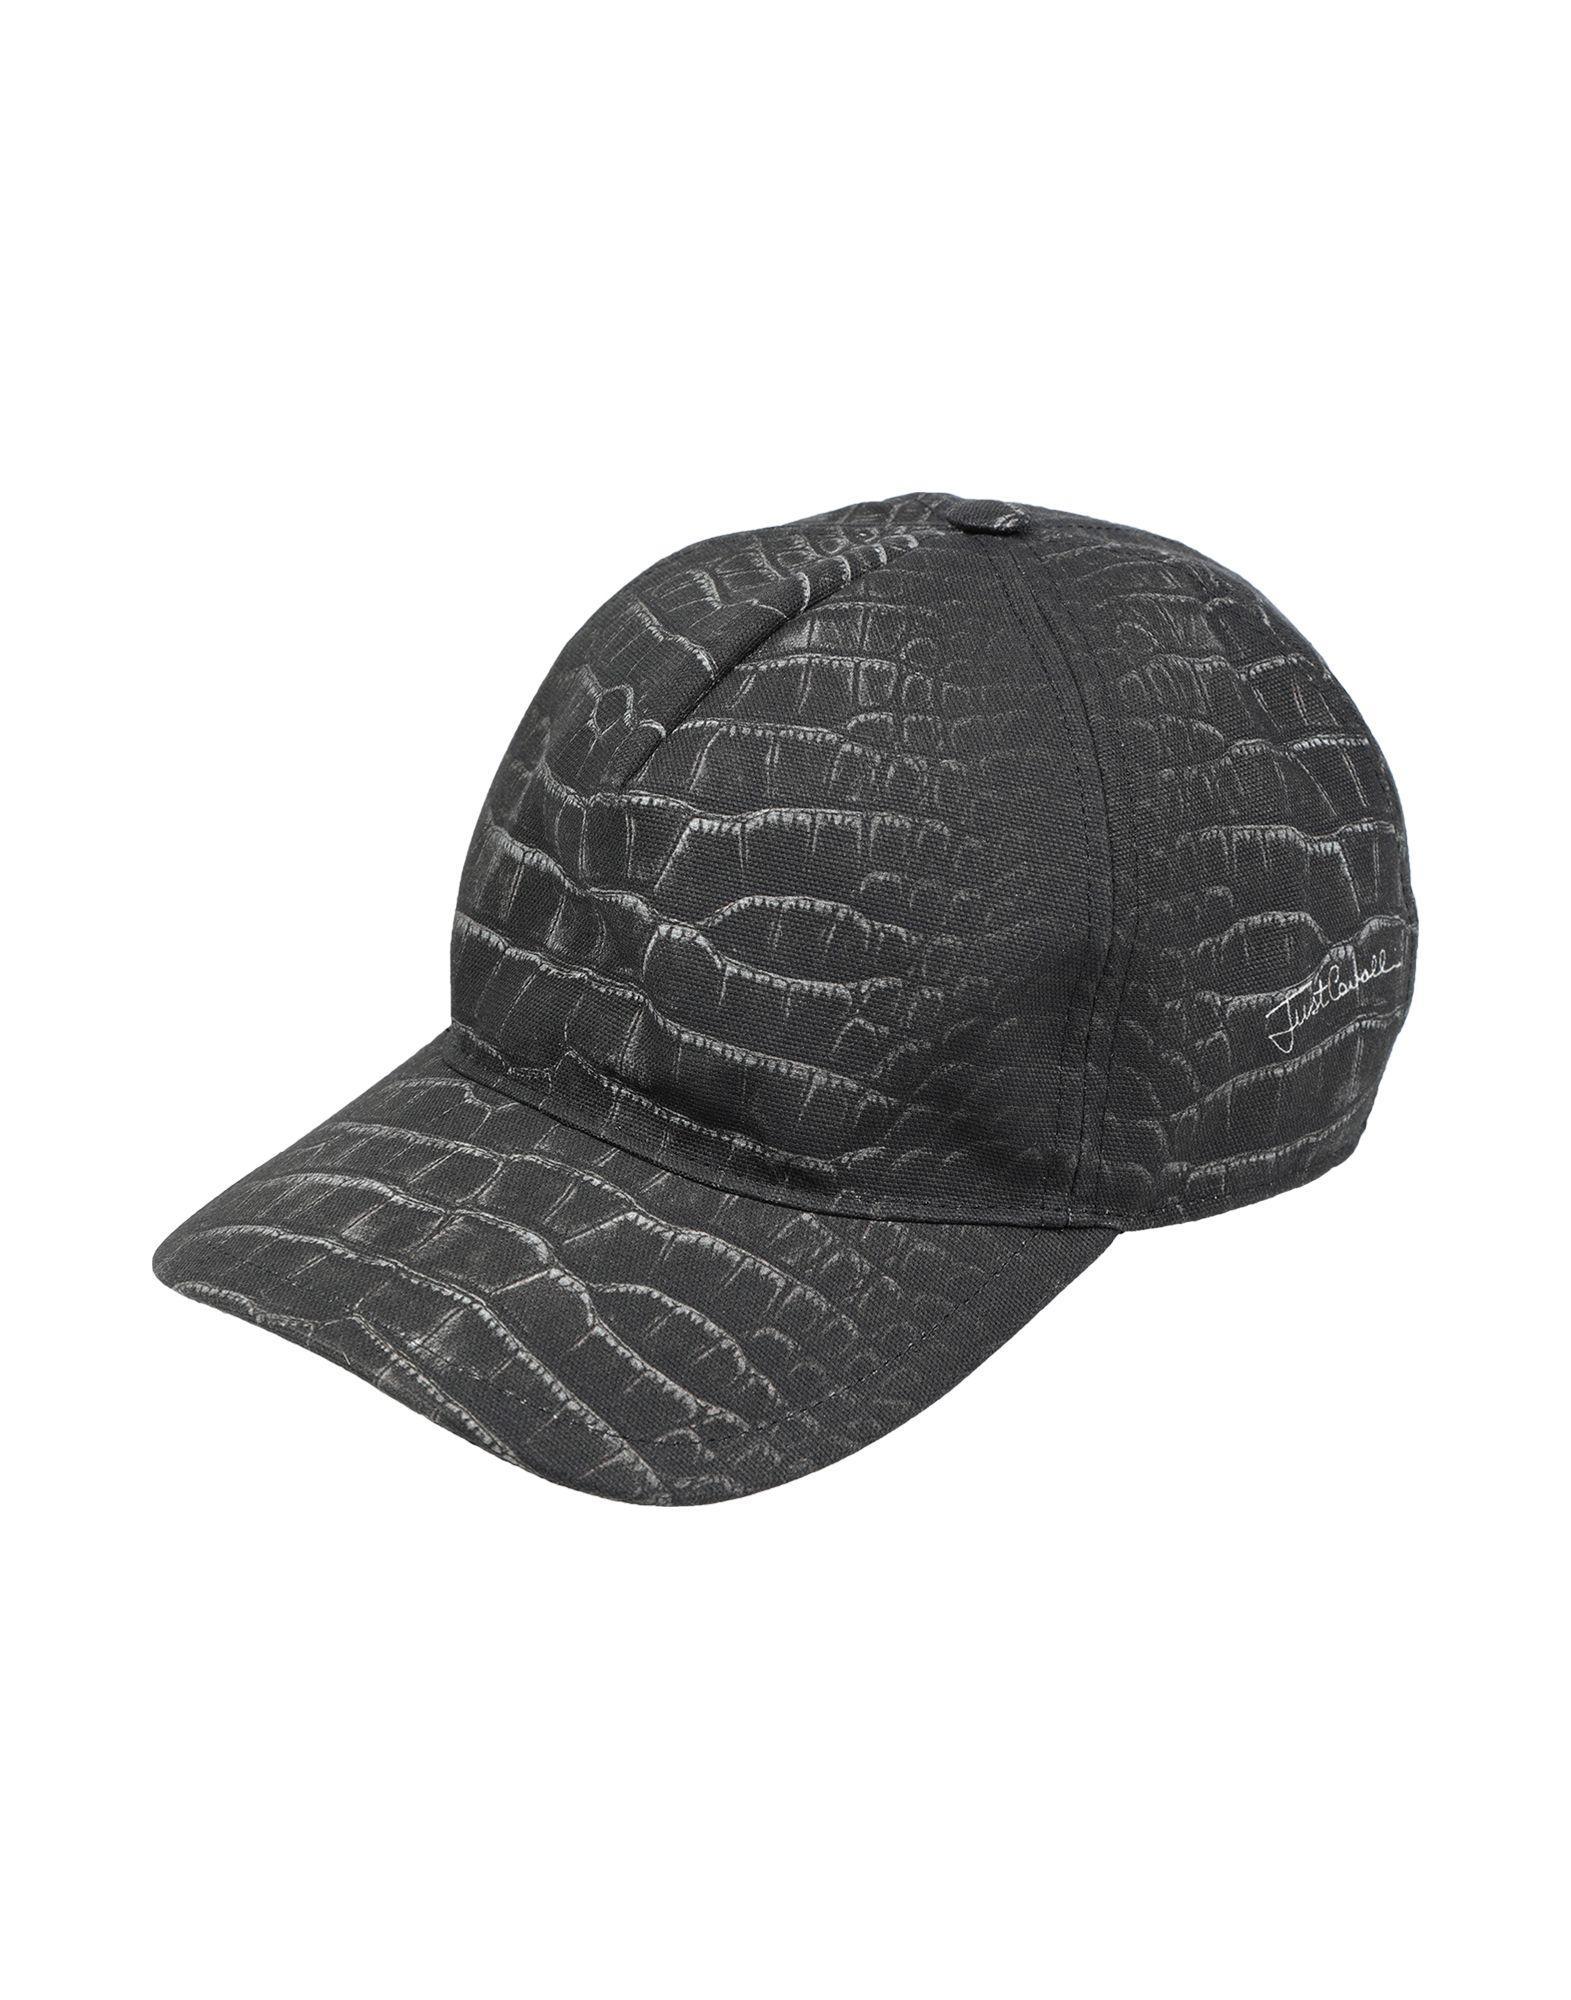 Just Cavalli Hat in Black for Men - Lyst 5cc4fa8df4ad